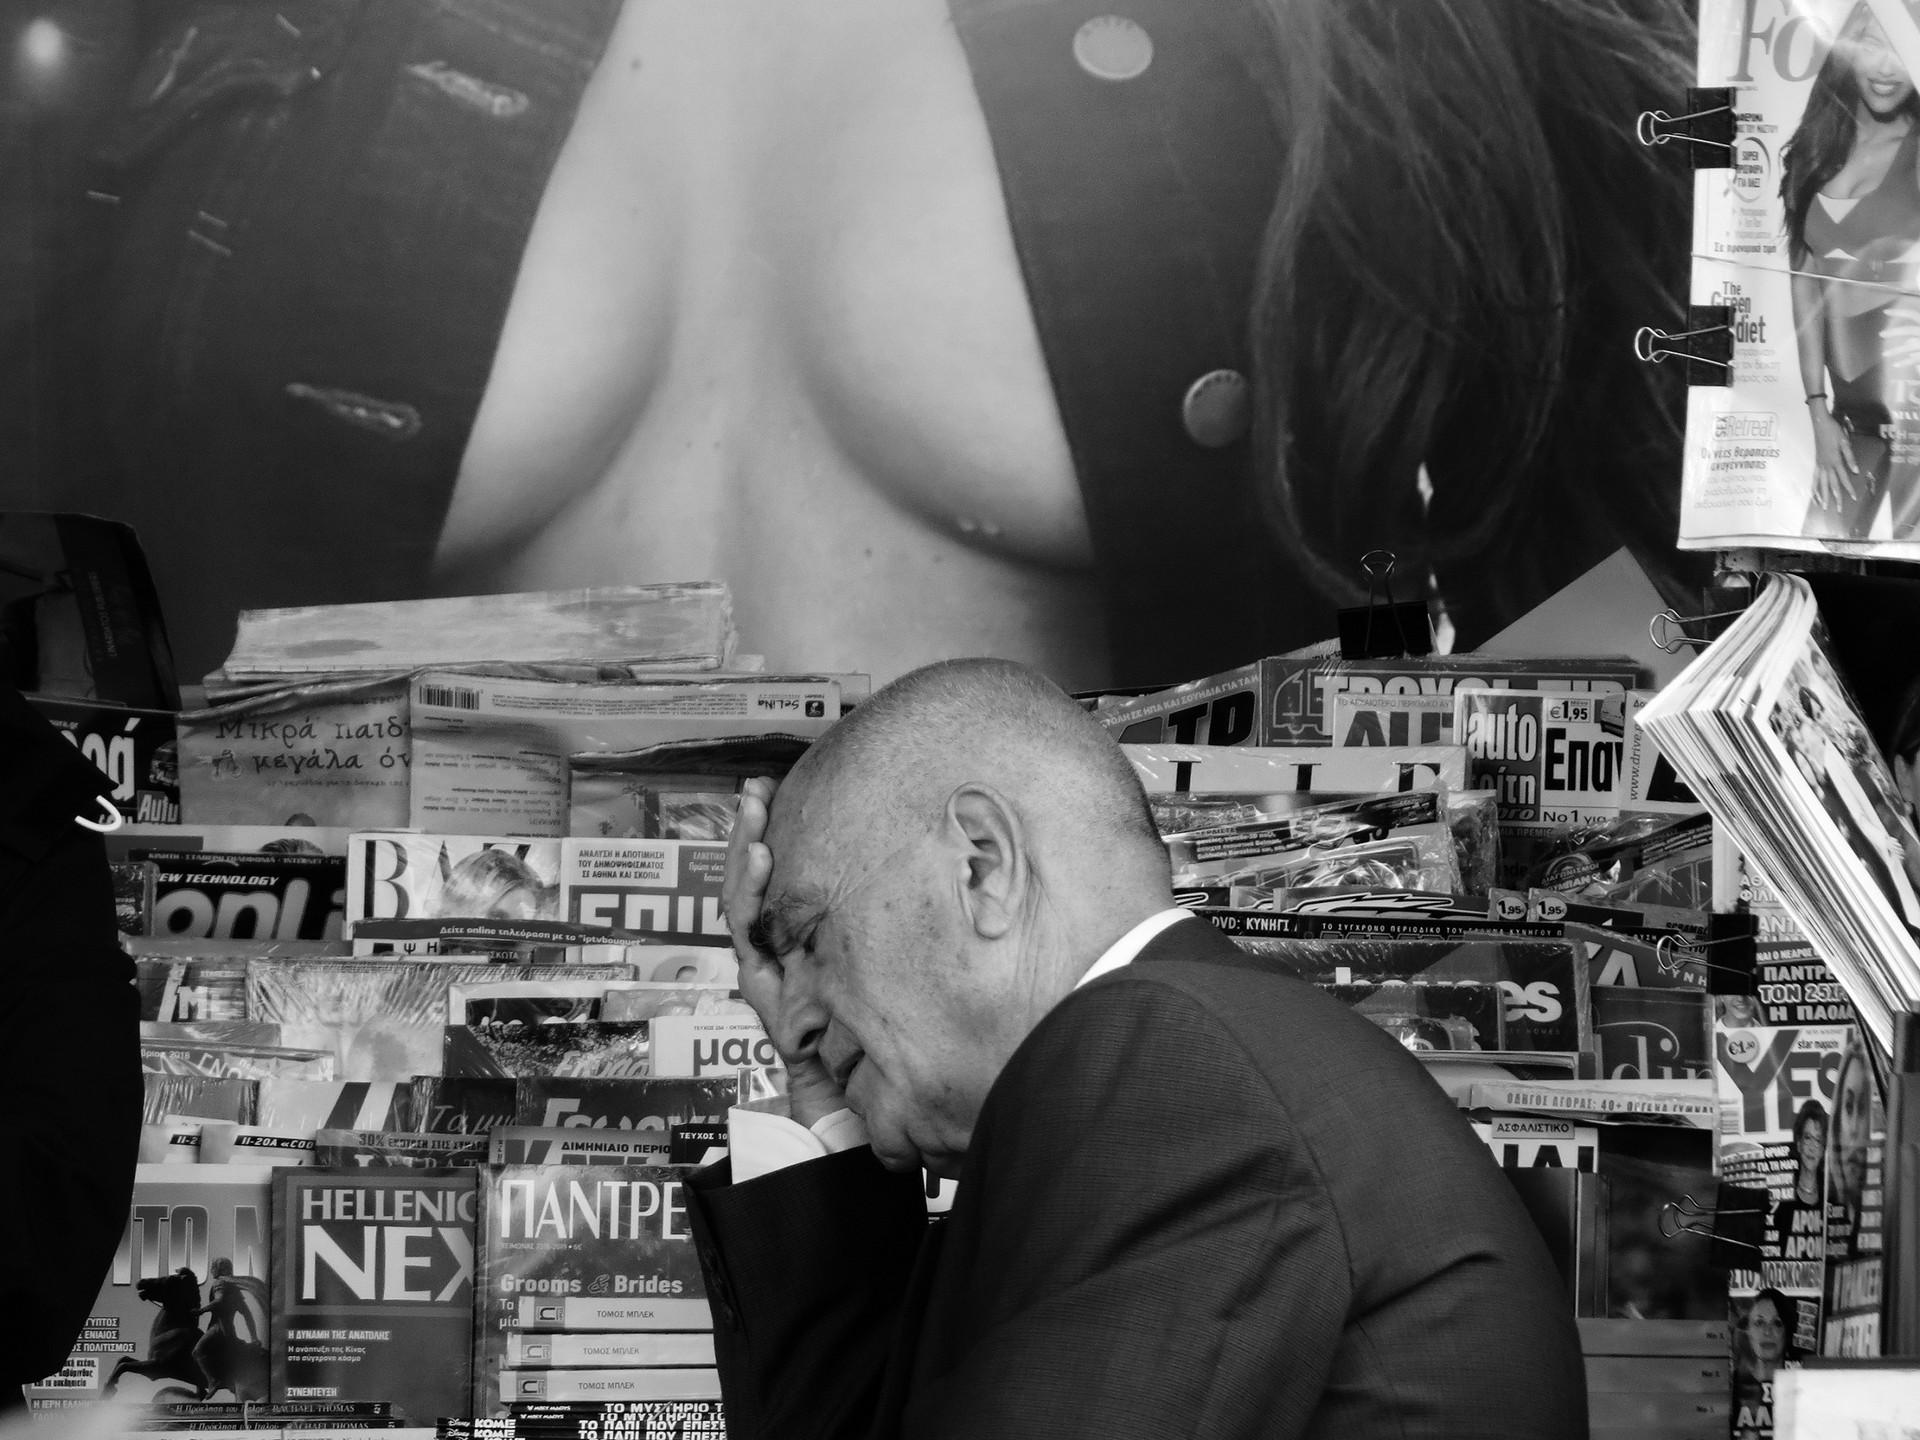 Мистика неожиданного в уличных фотографиях. Автор Антимос Нтагкас (1)